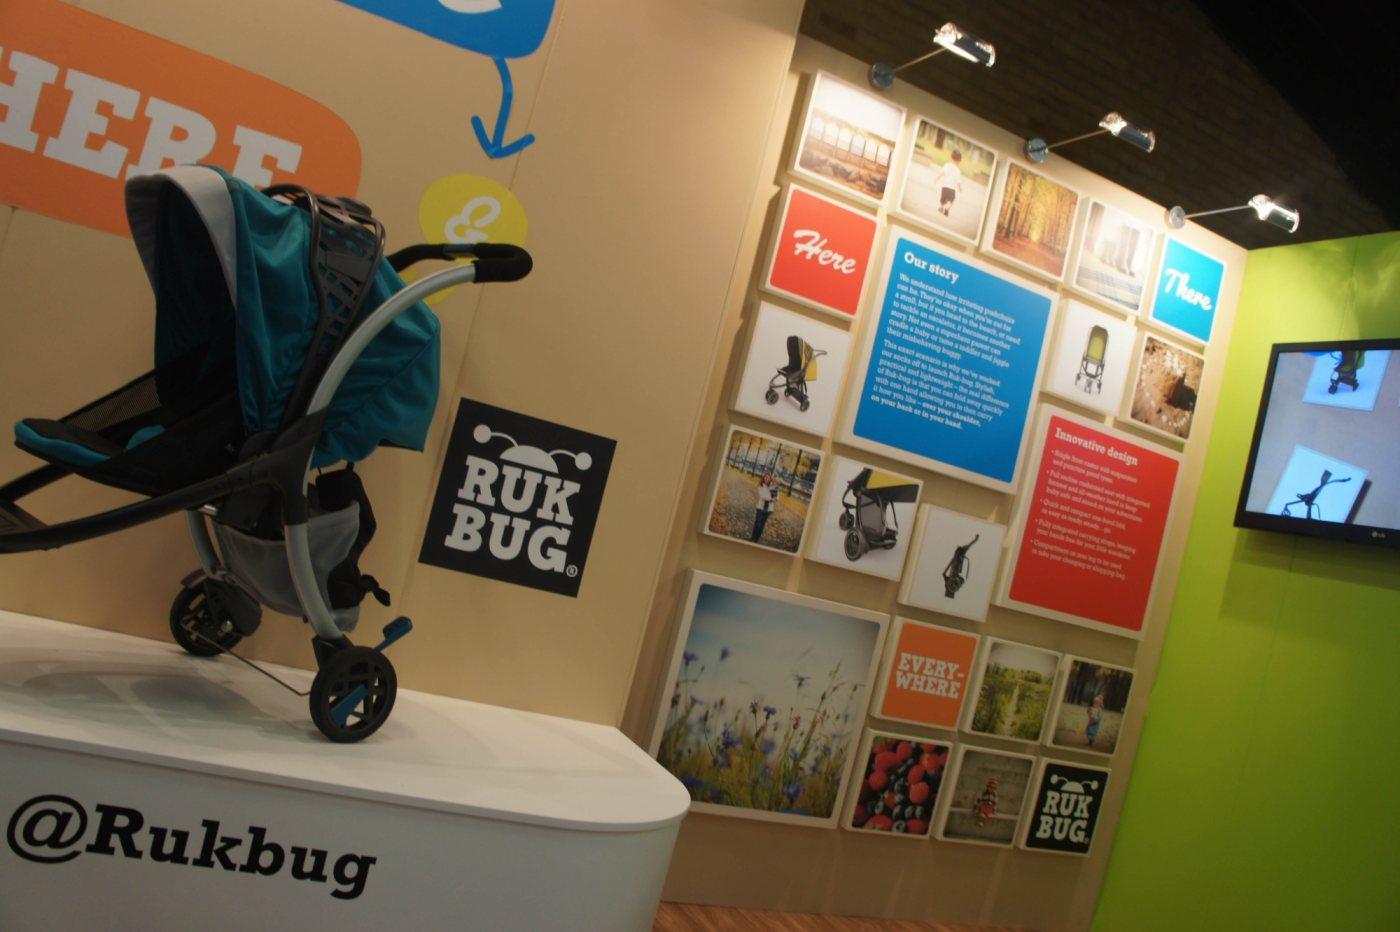 Ruk bug